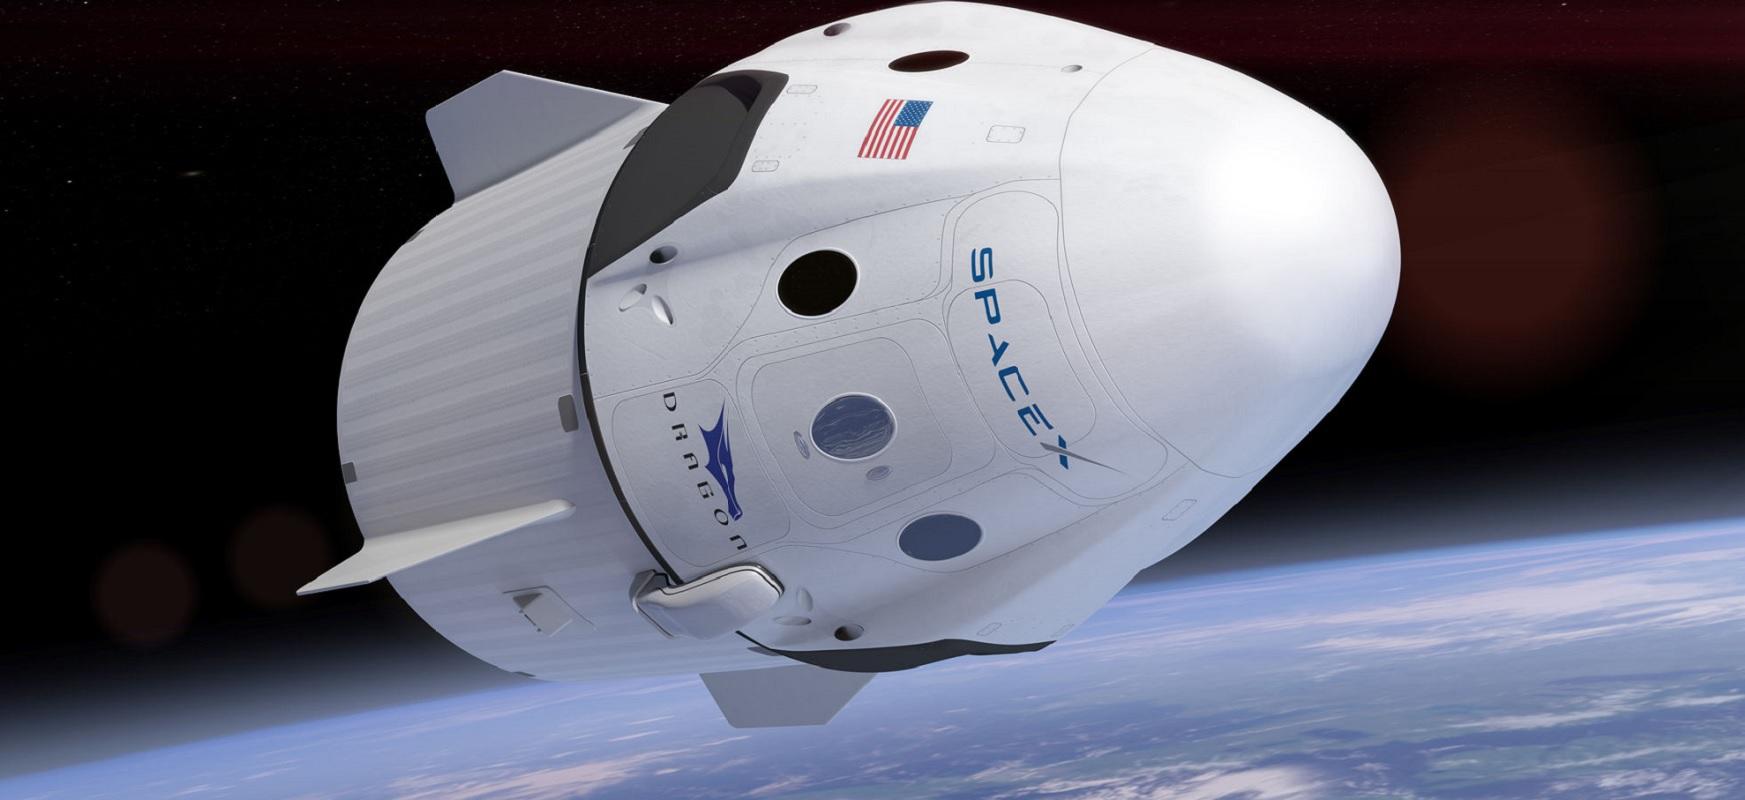 NASAk misioen porrotaren arriskua eta Crew Dragon tripulazioaren heriotza kalkulatu zituen.  Astronautek hartzen dute